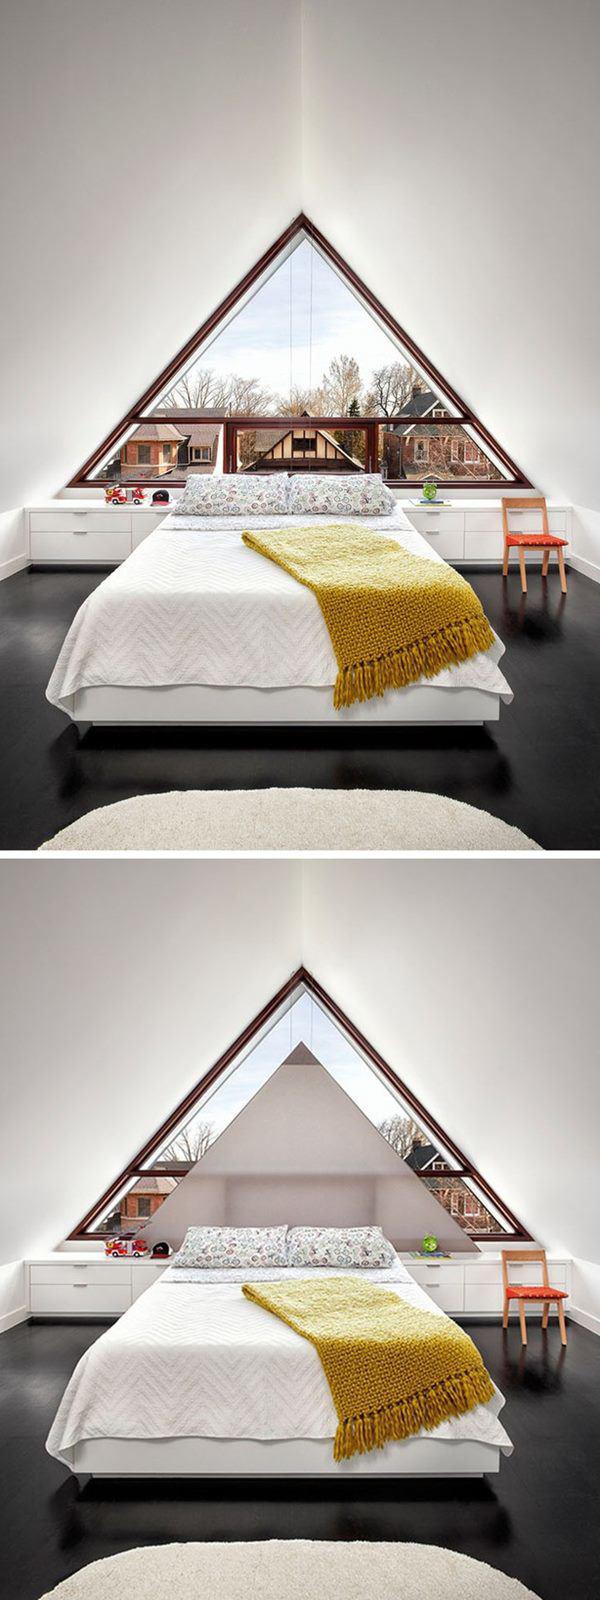 Mẫu nhà mái tam giác 2 tầng đẹp long lanh với chi phí thấp - Ảnh 3.